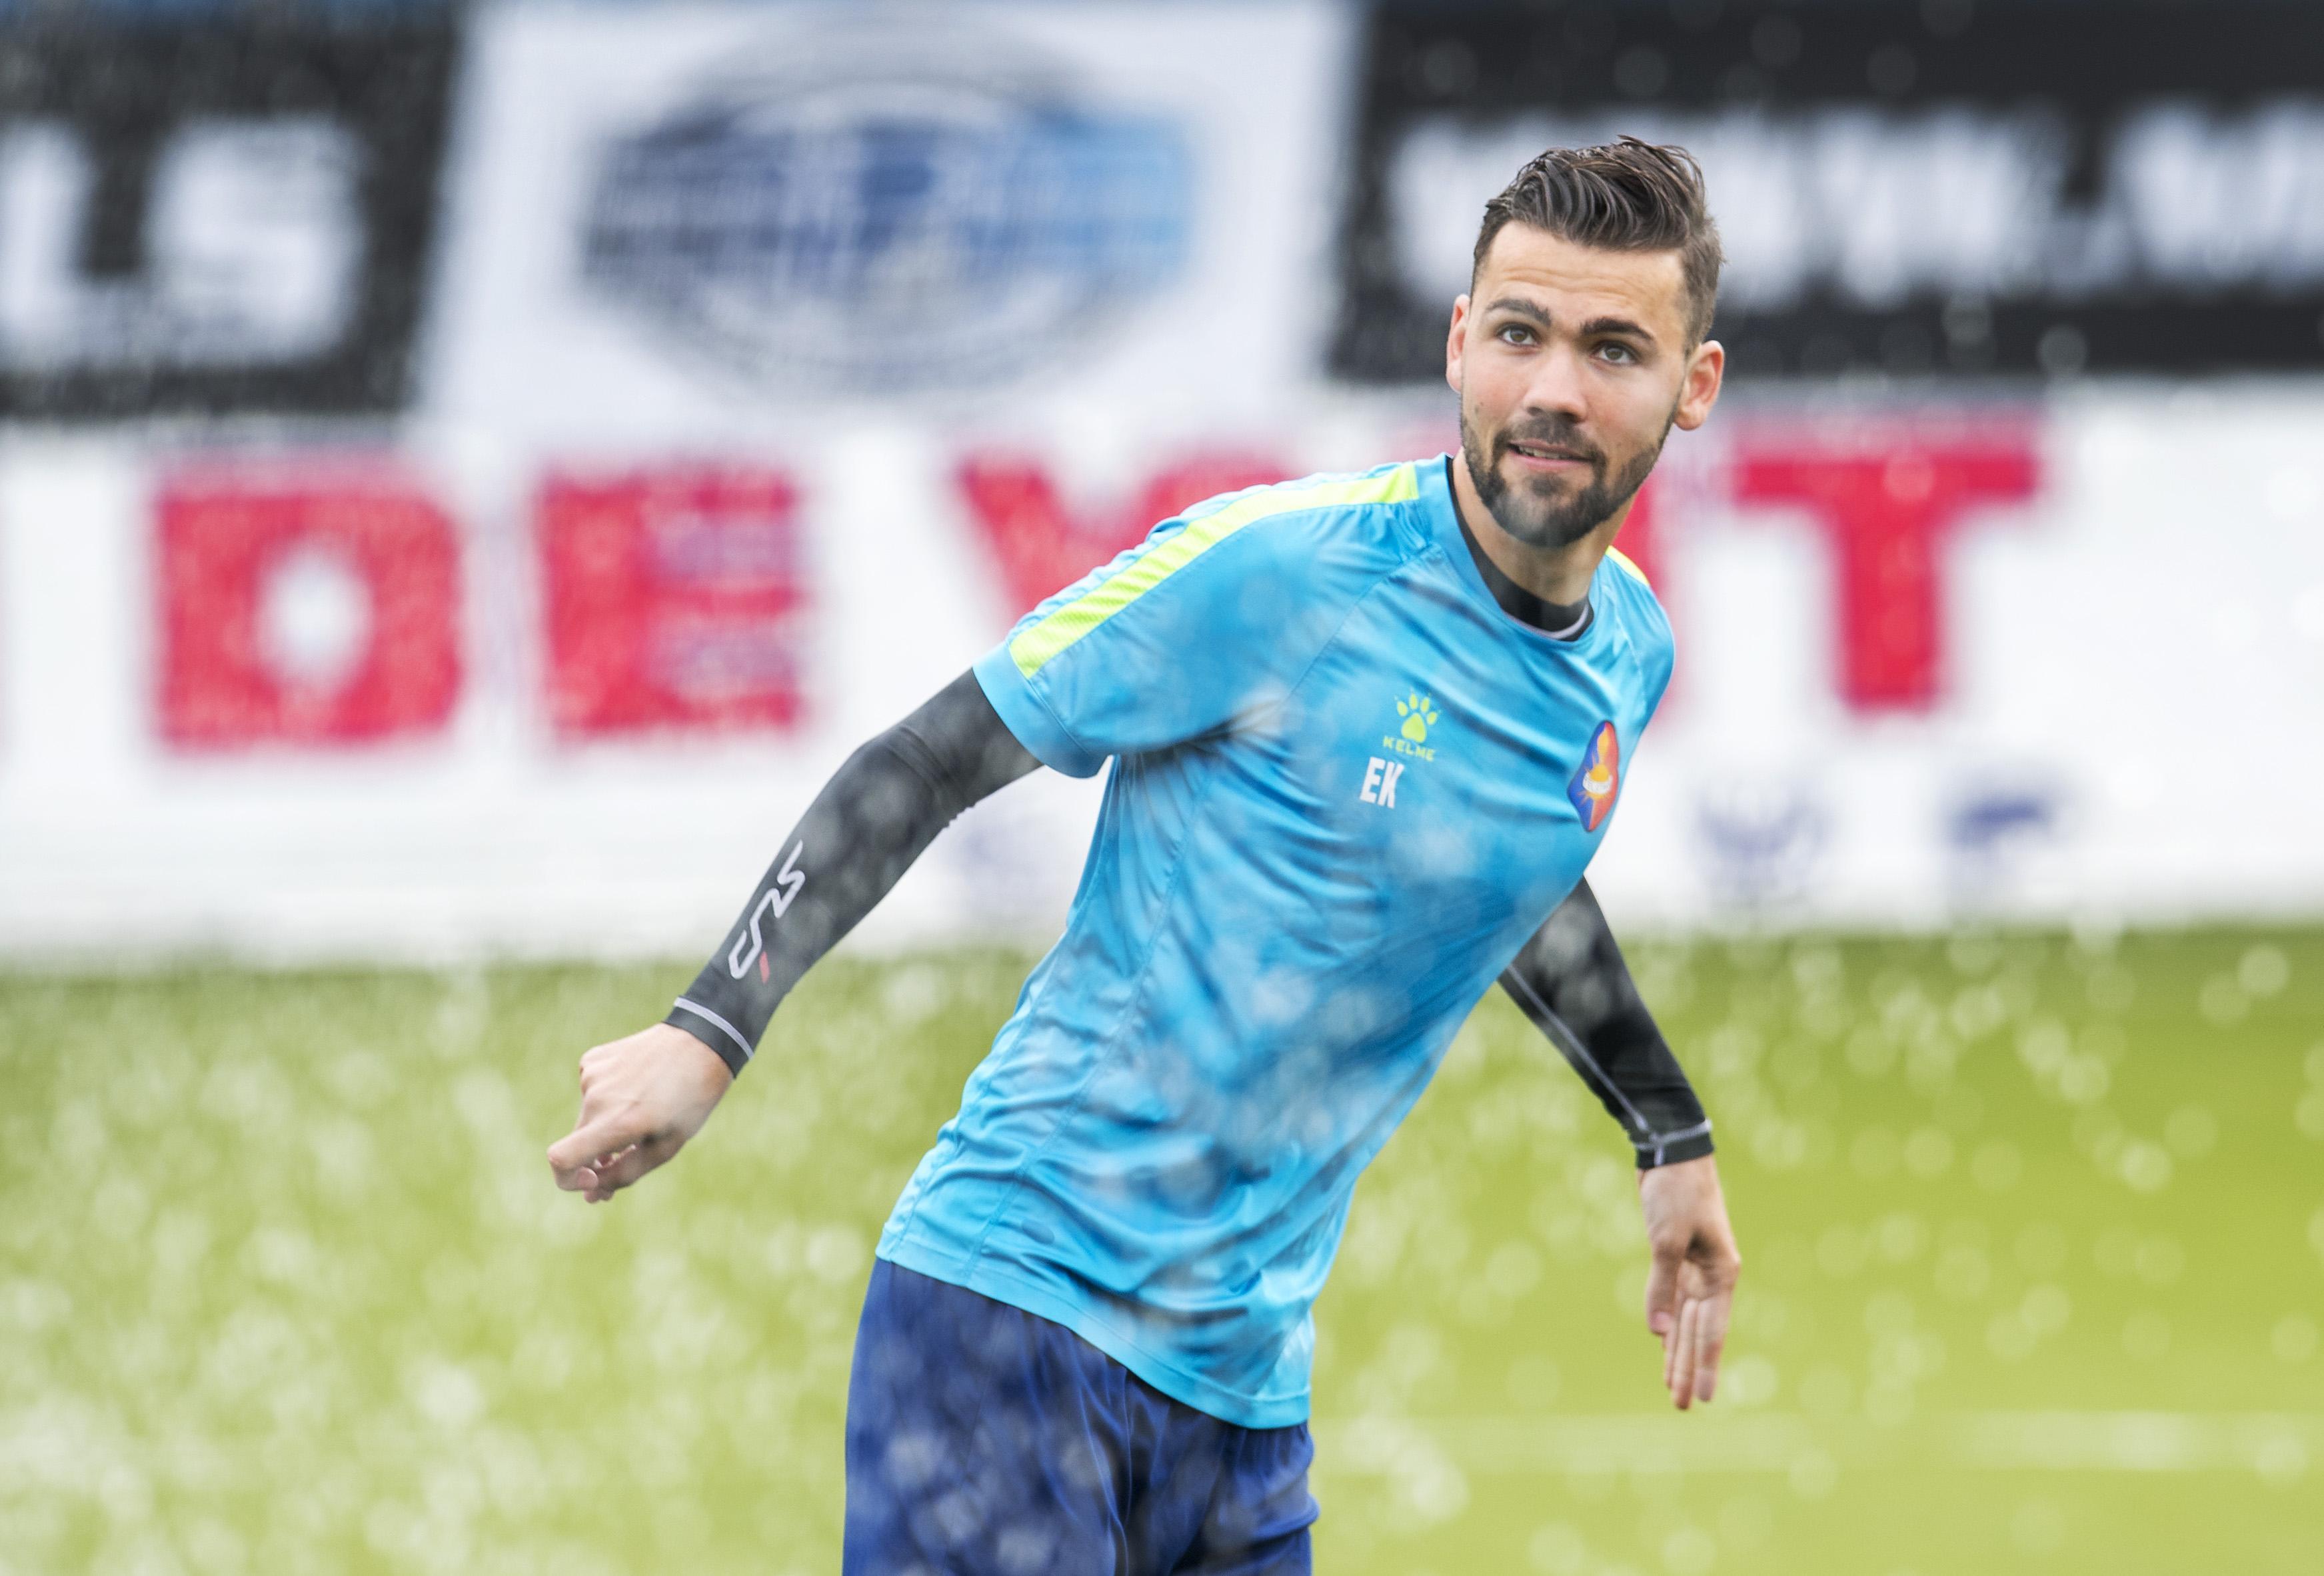 Ondanks corona veranderen veel voetballers van club, een overzicht van de mutaties bij de zaterdagverenigingen